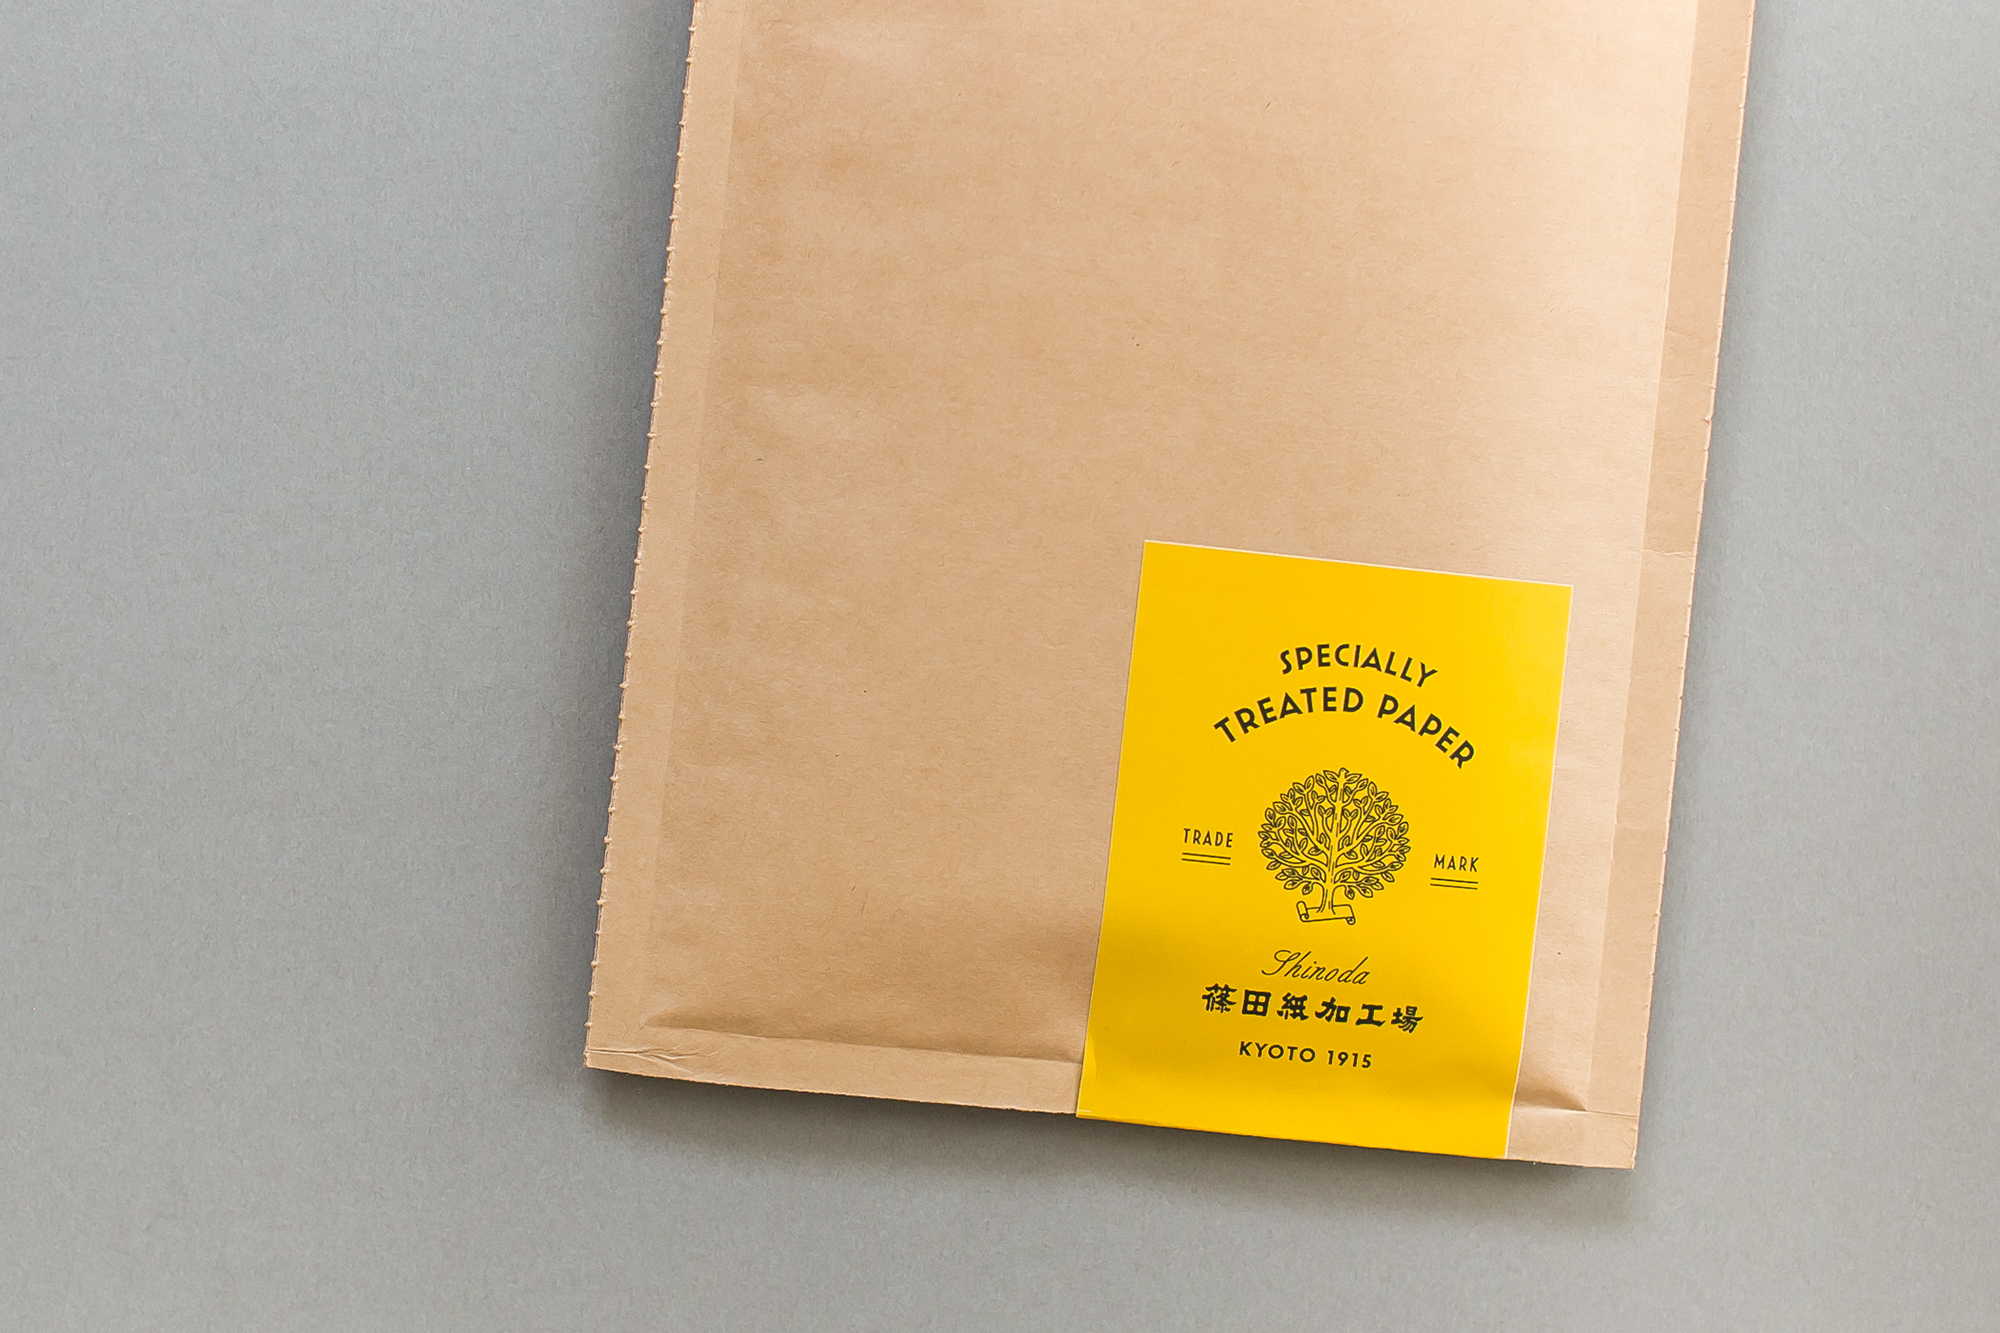 京都文具ブランドの梱包シールデザイン